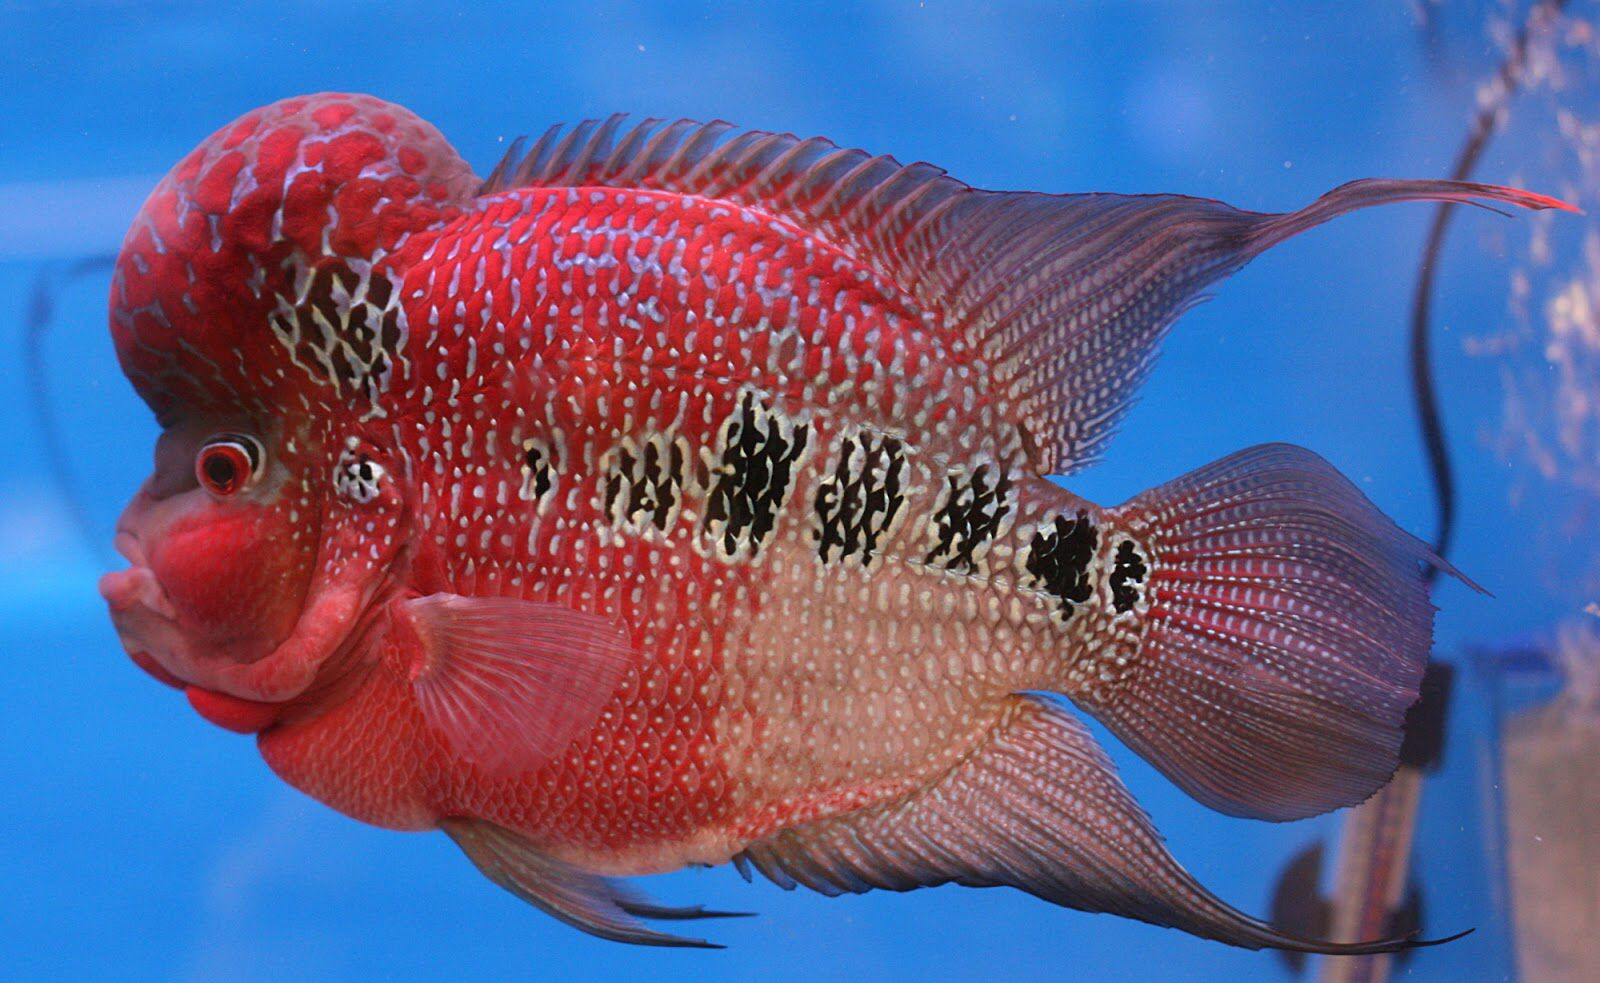 Lucky Aquarium Fish Vastu Fish Feng Shui Fish Freshwater Aquarium Fish Best Aquarium Fish Aquarium Fish